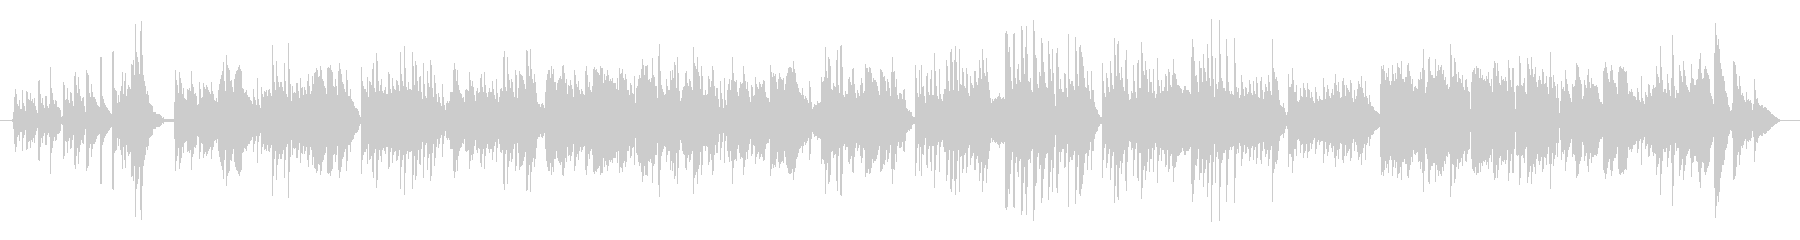 ギターとアコーディオンのデュオによる楽…の未再生の波形